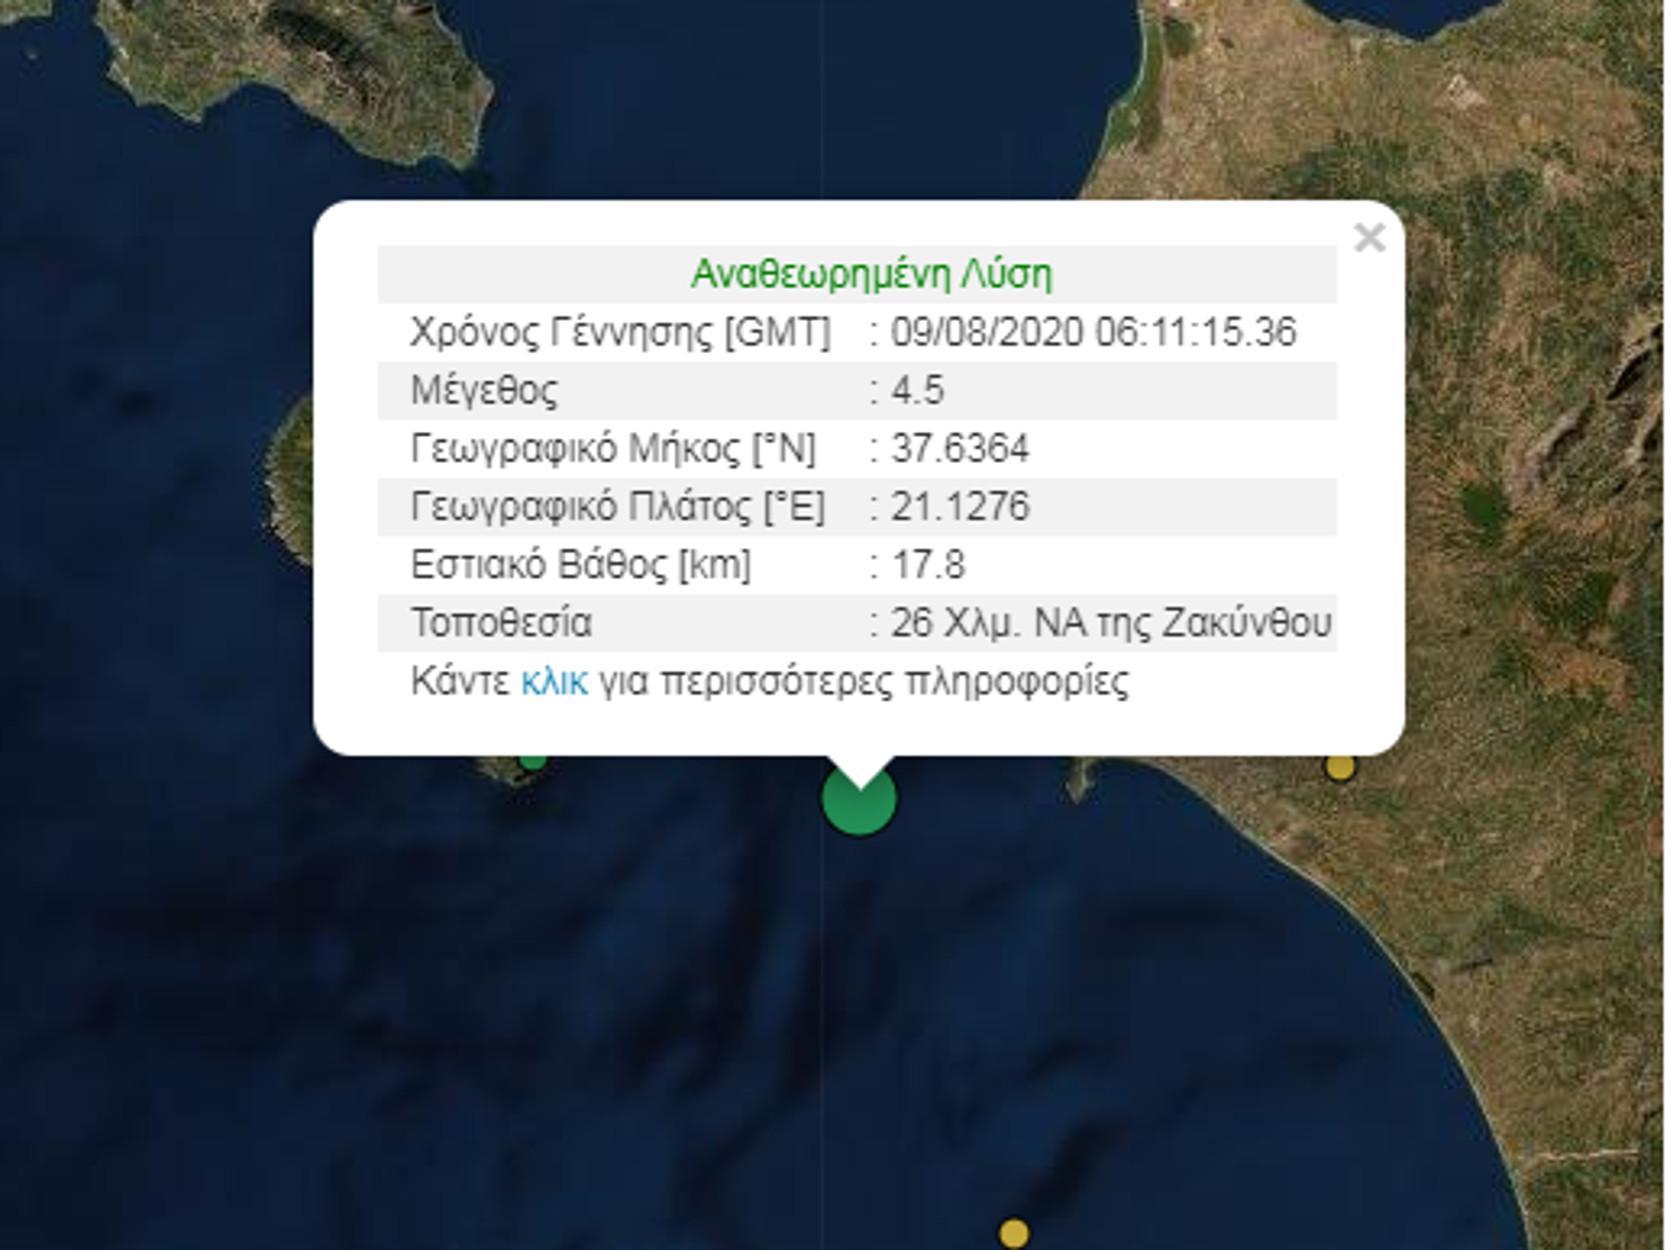 ΠΡΙΝ ΑΠΟ ΛΙΓΟ: Ισχυρός σεισμός 4,5 Ρίχτερ στην Ηλεία (pic)